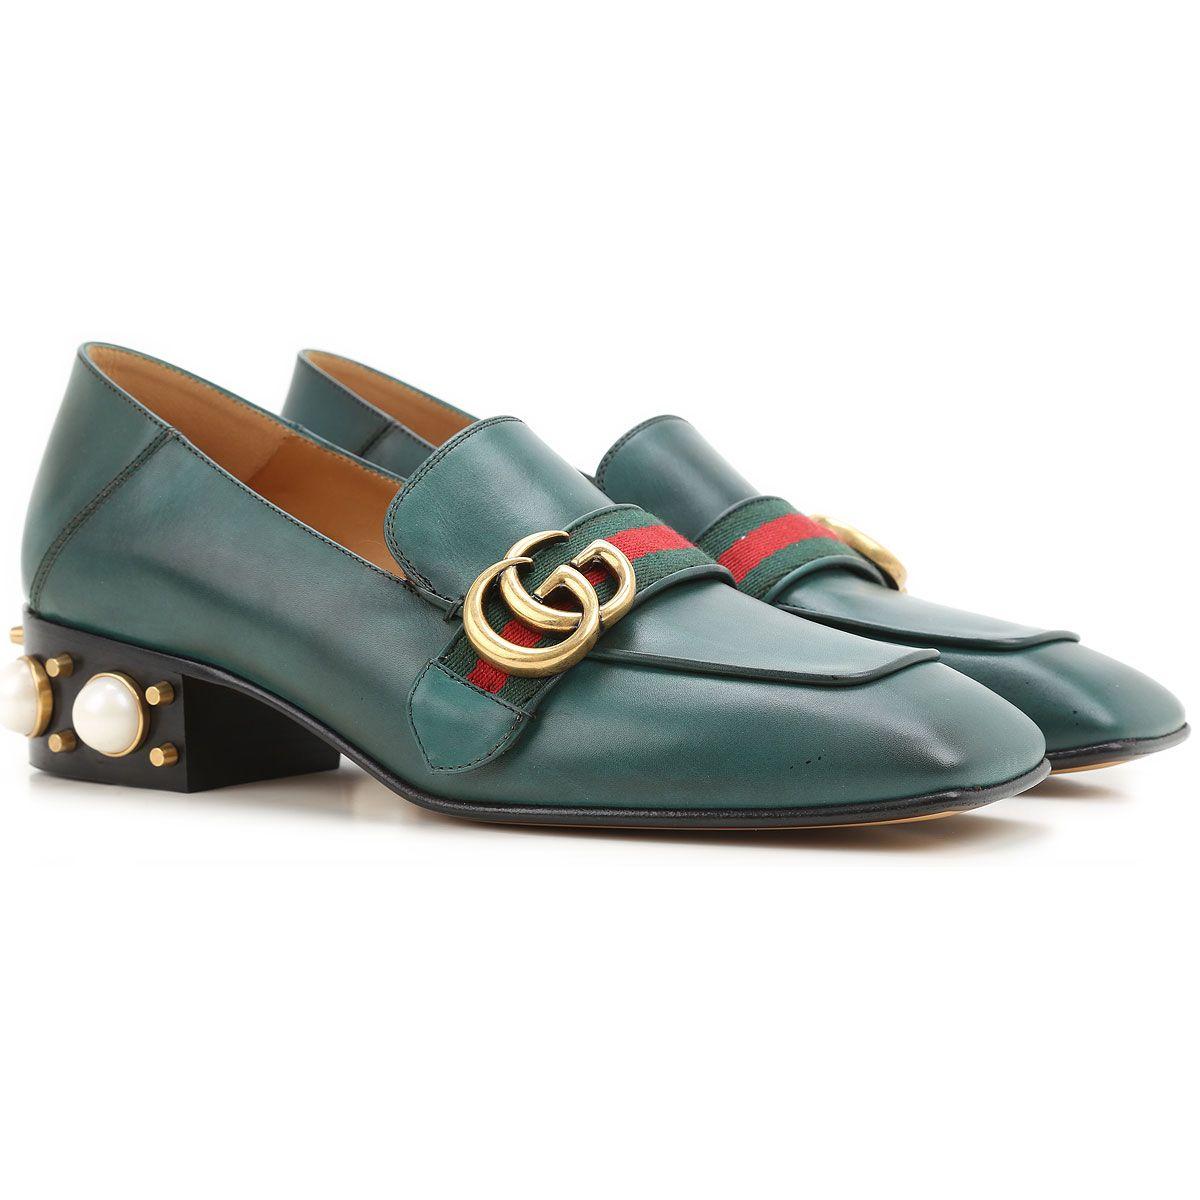 Sapatos Femininos Gucci Nova Coleção. Botas, Tênis, Meia Pata, Sandálias e  Sapatilhas. Vários modelos de sapatos disponíveis na Loja Online. 4e863a5f45